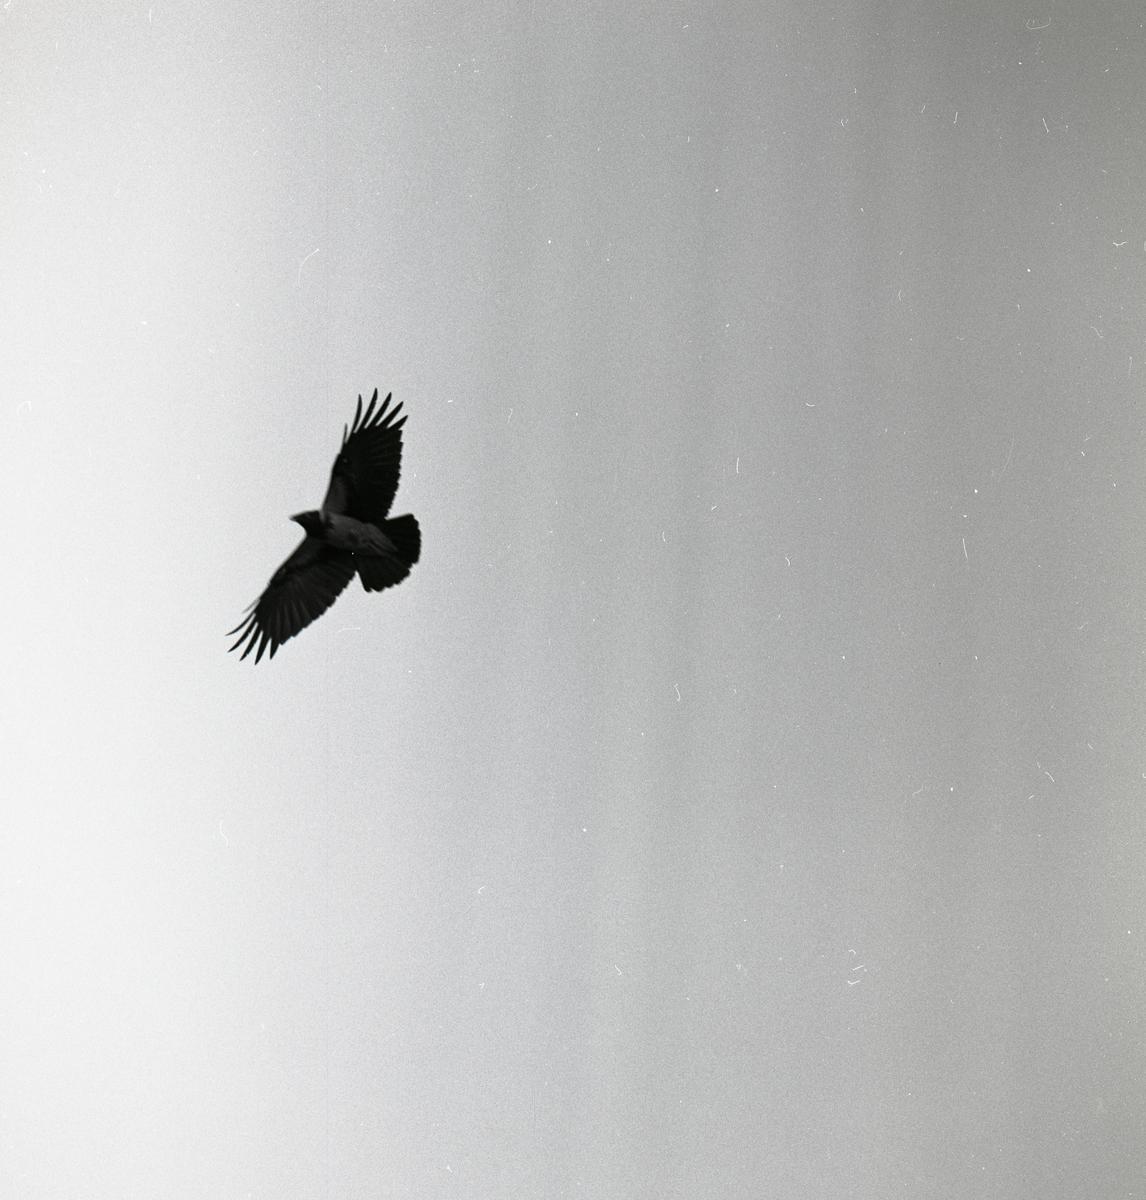 En kråka breder ut sina vingar när den flyger över fotografen.